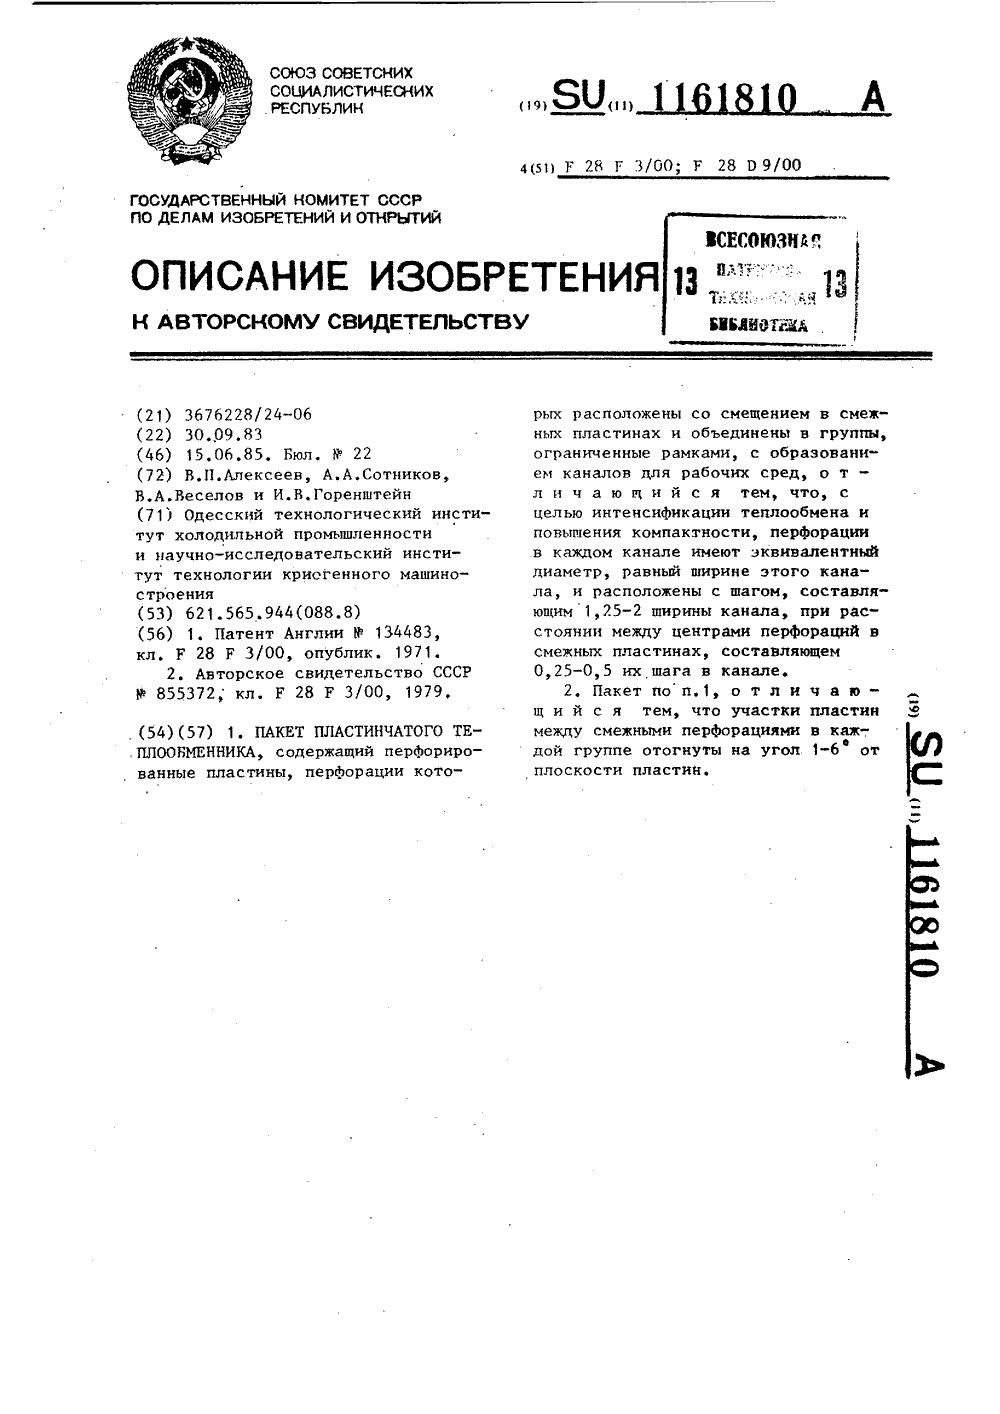 Пластины теплообменника КС 08 Владимир как защитить теплообменник котла от накипи